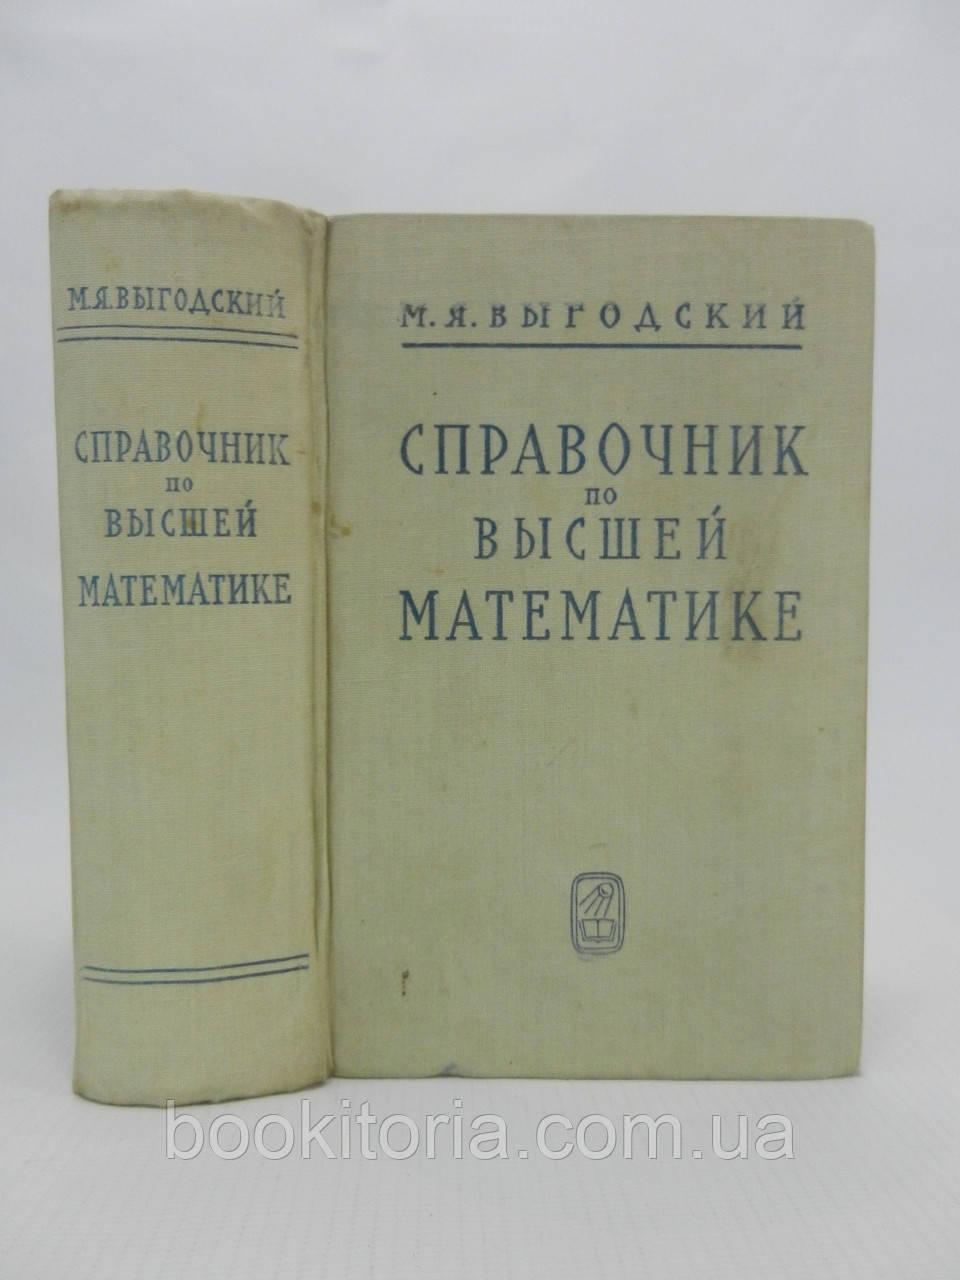 Выгодский М.Я. Справочник по высшей математике (б/у).